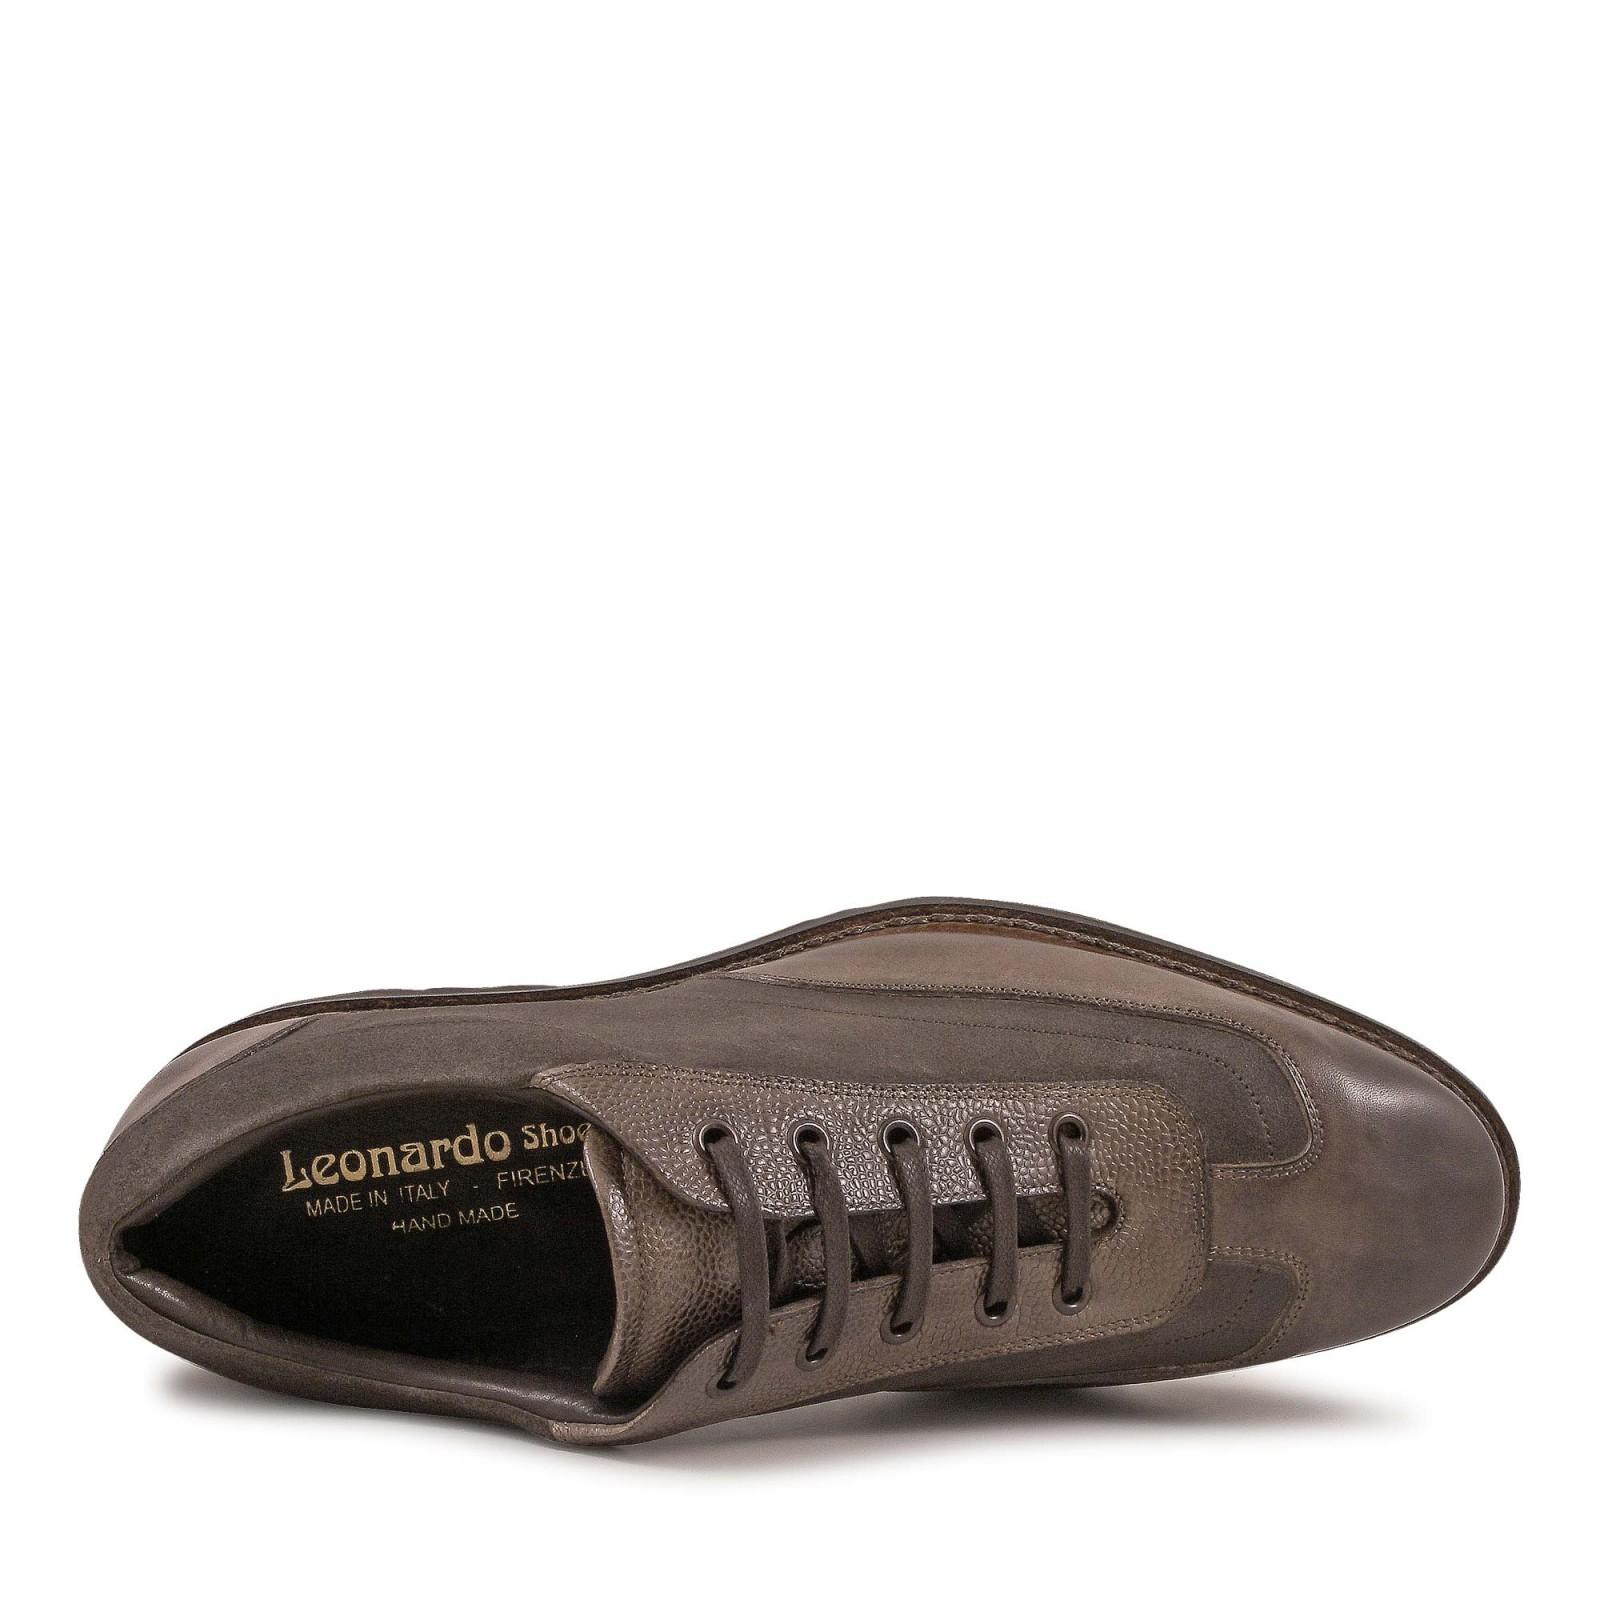 Italian Shoes For Women In Firenze